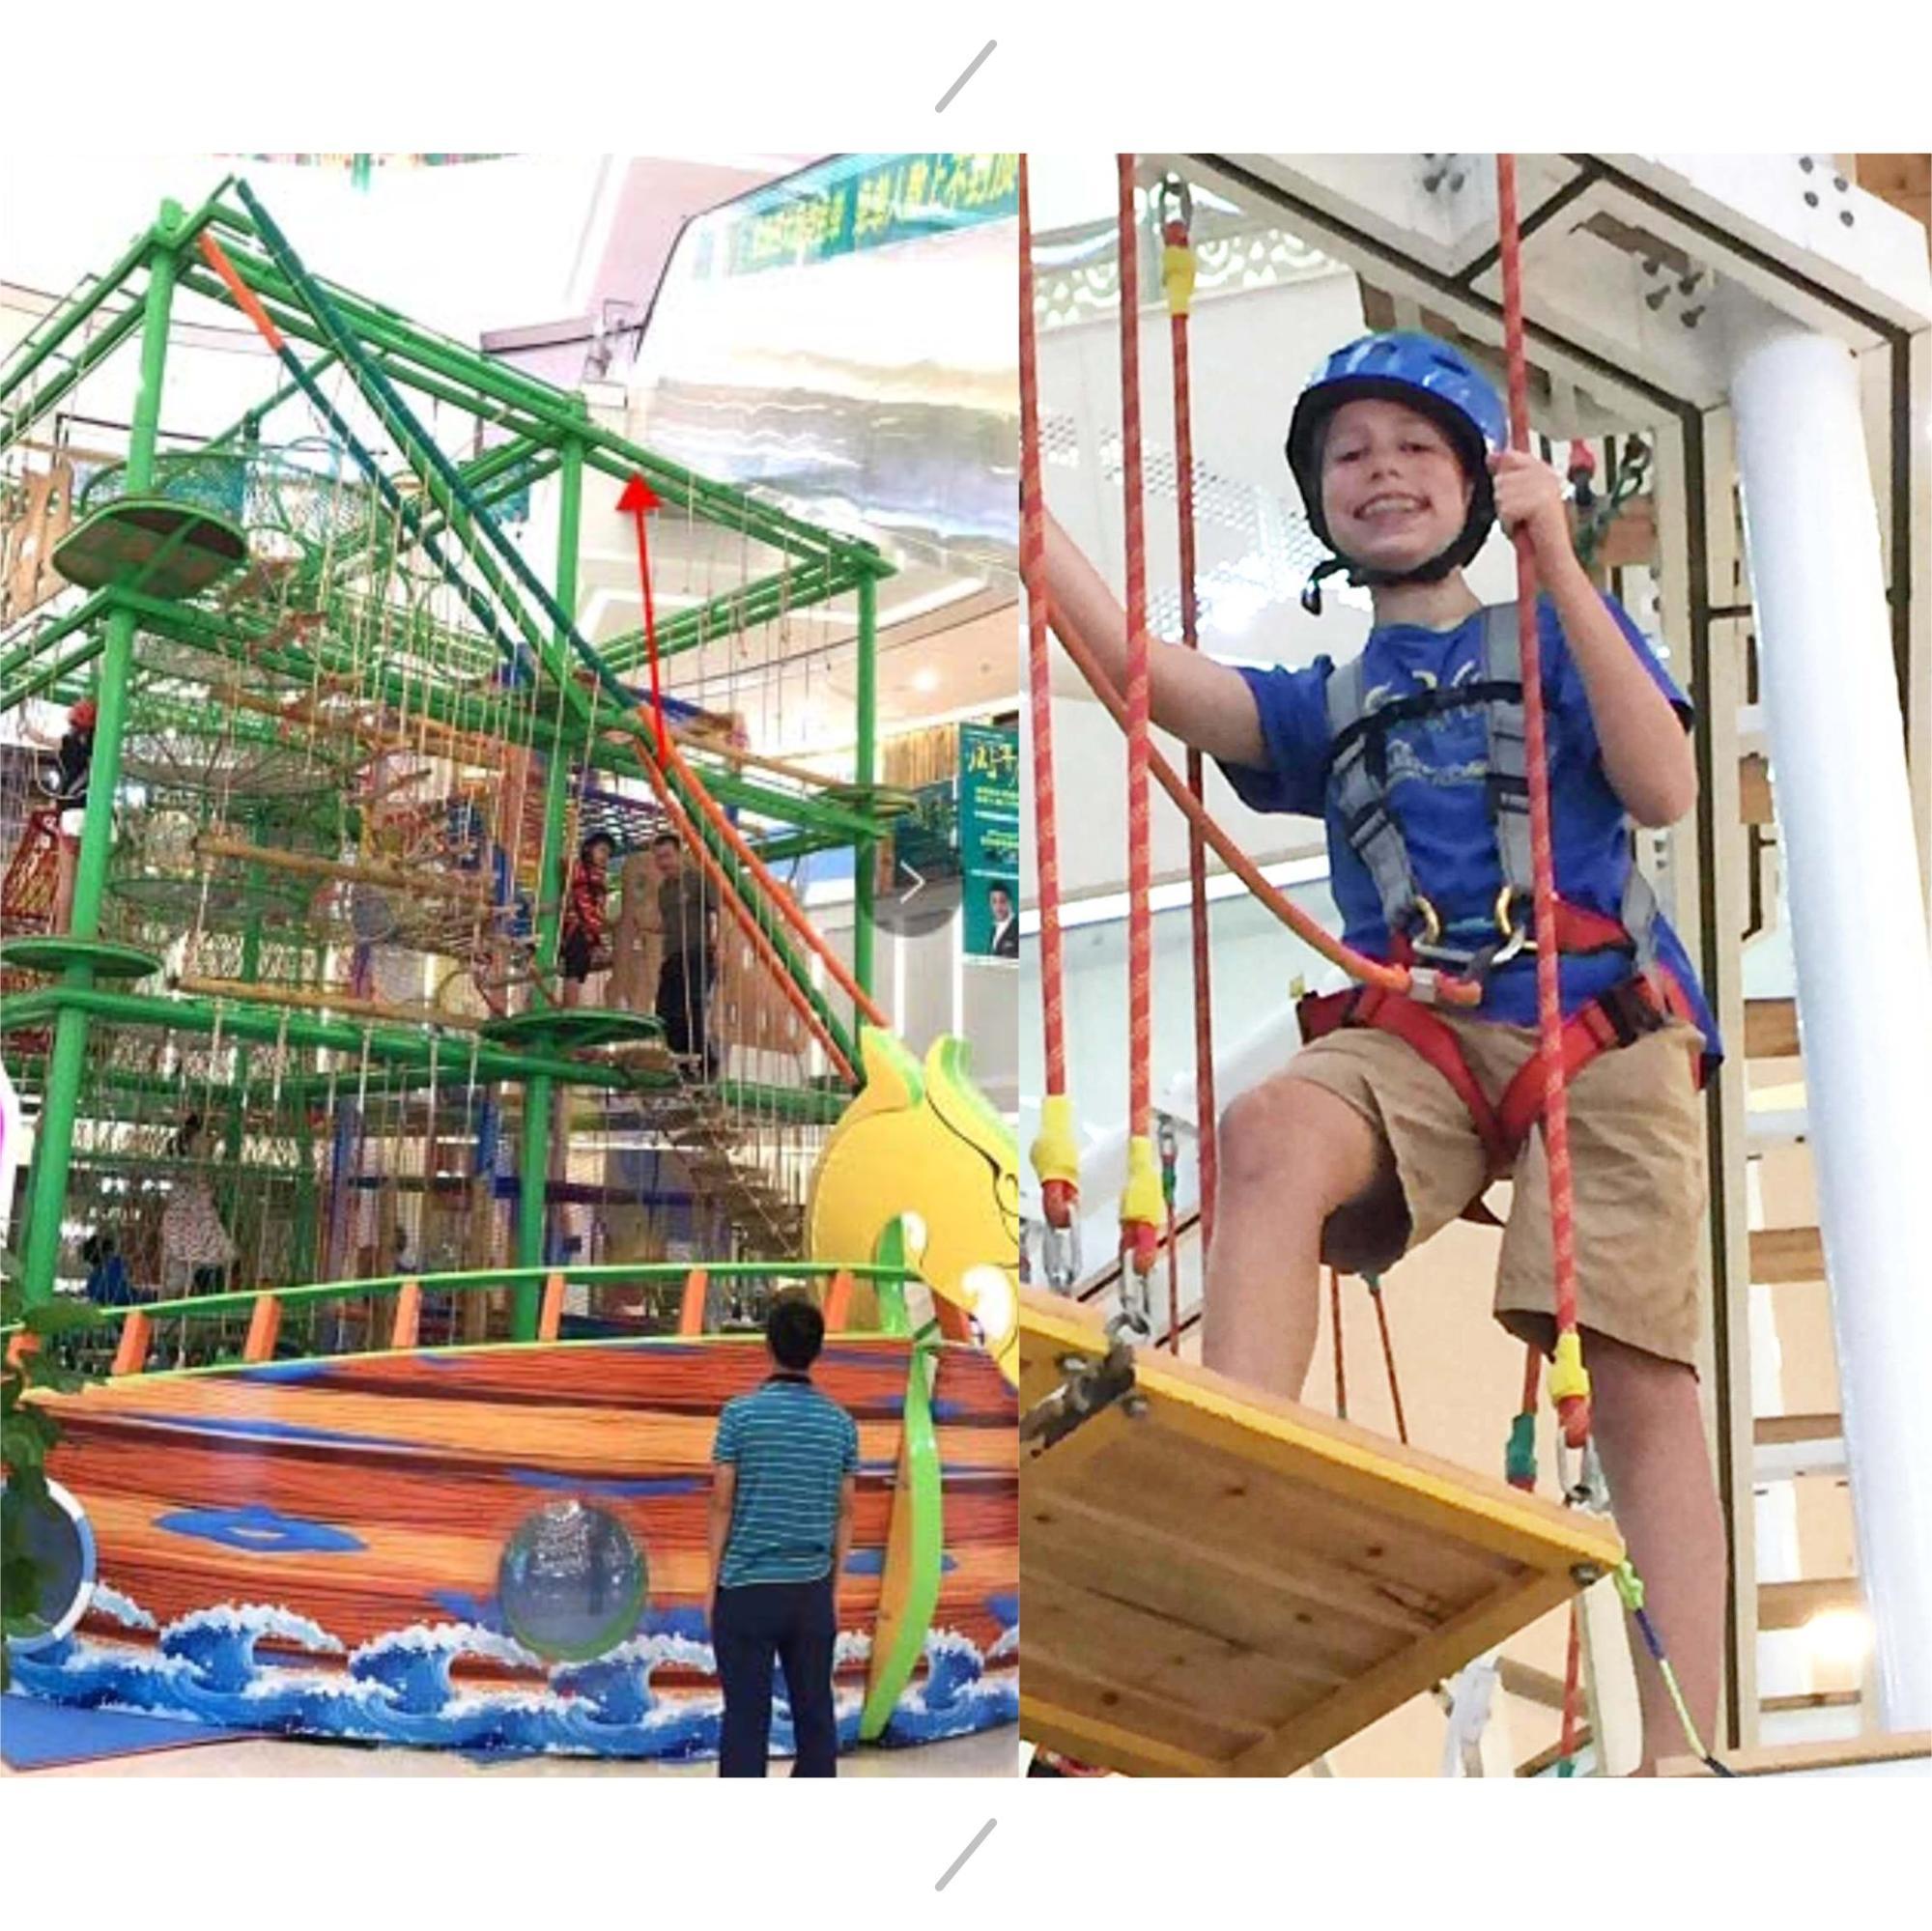 Grande promozione parco giochi corda corso parco giochi al coperto